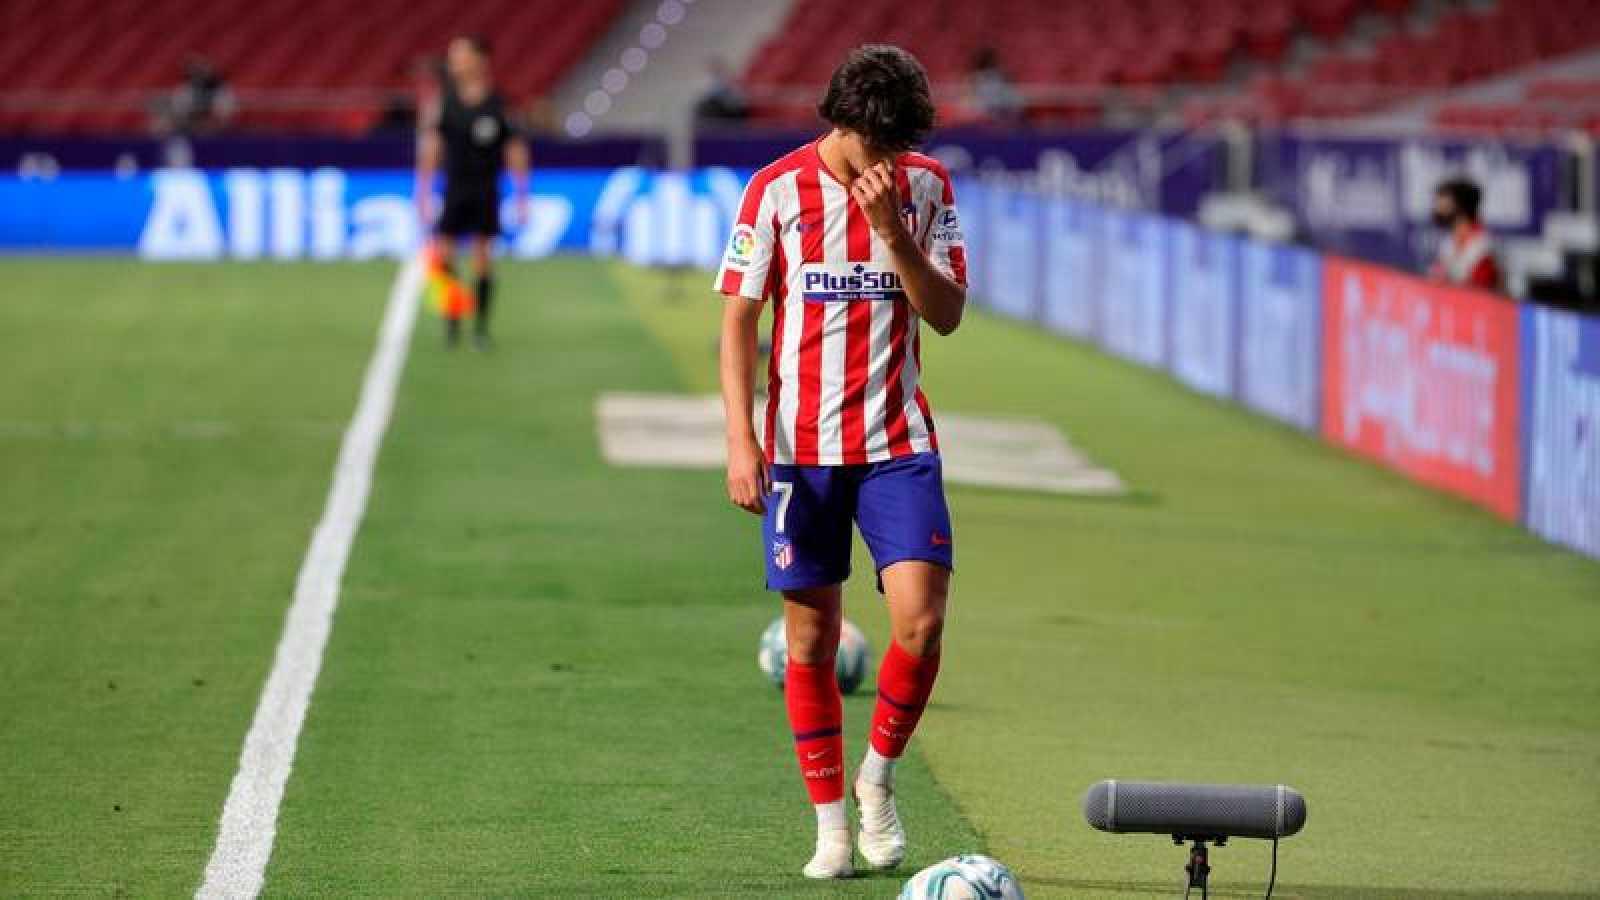 El jugador del Atlético de Madrid, João Félix , durante el encuentro ante el Mallorca